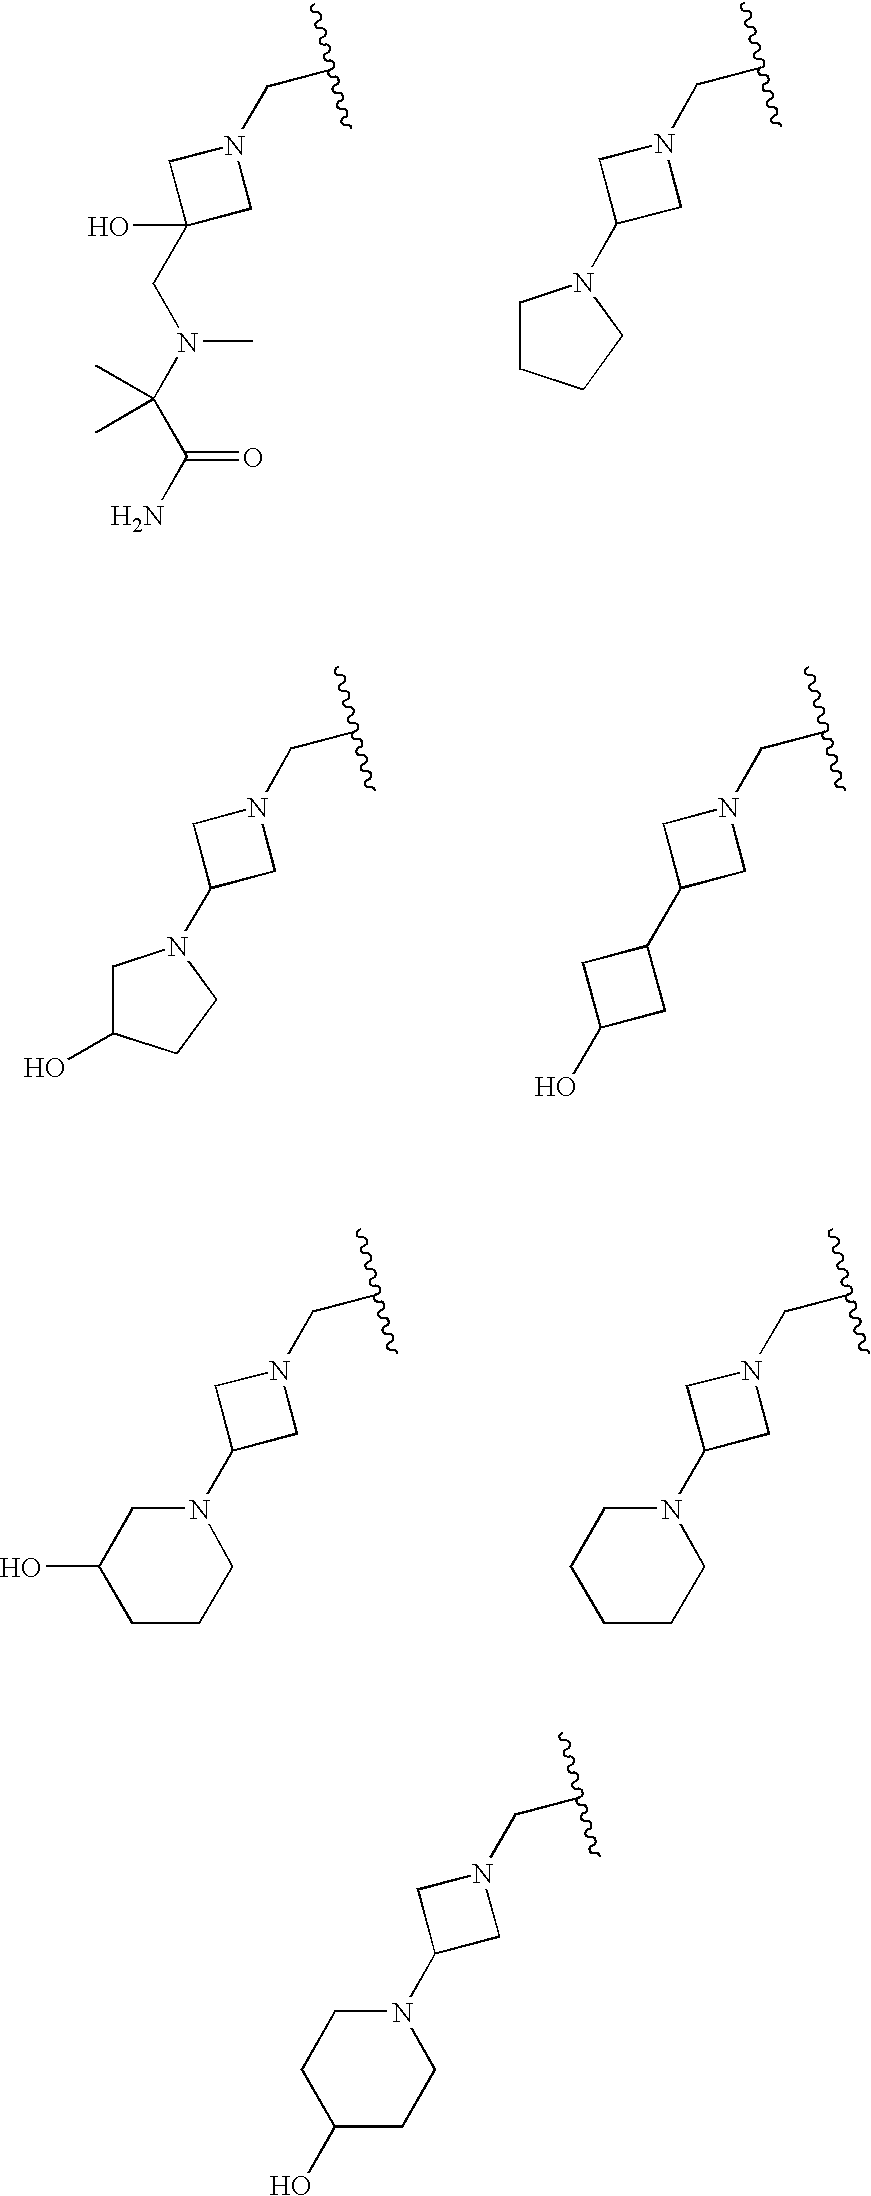 Figure US08173650-20120508-C00030